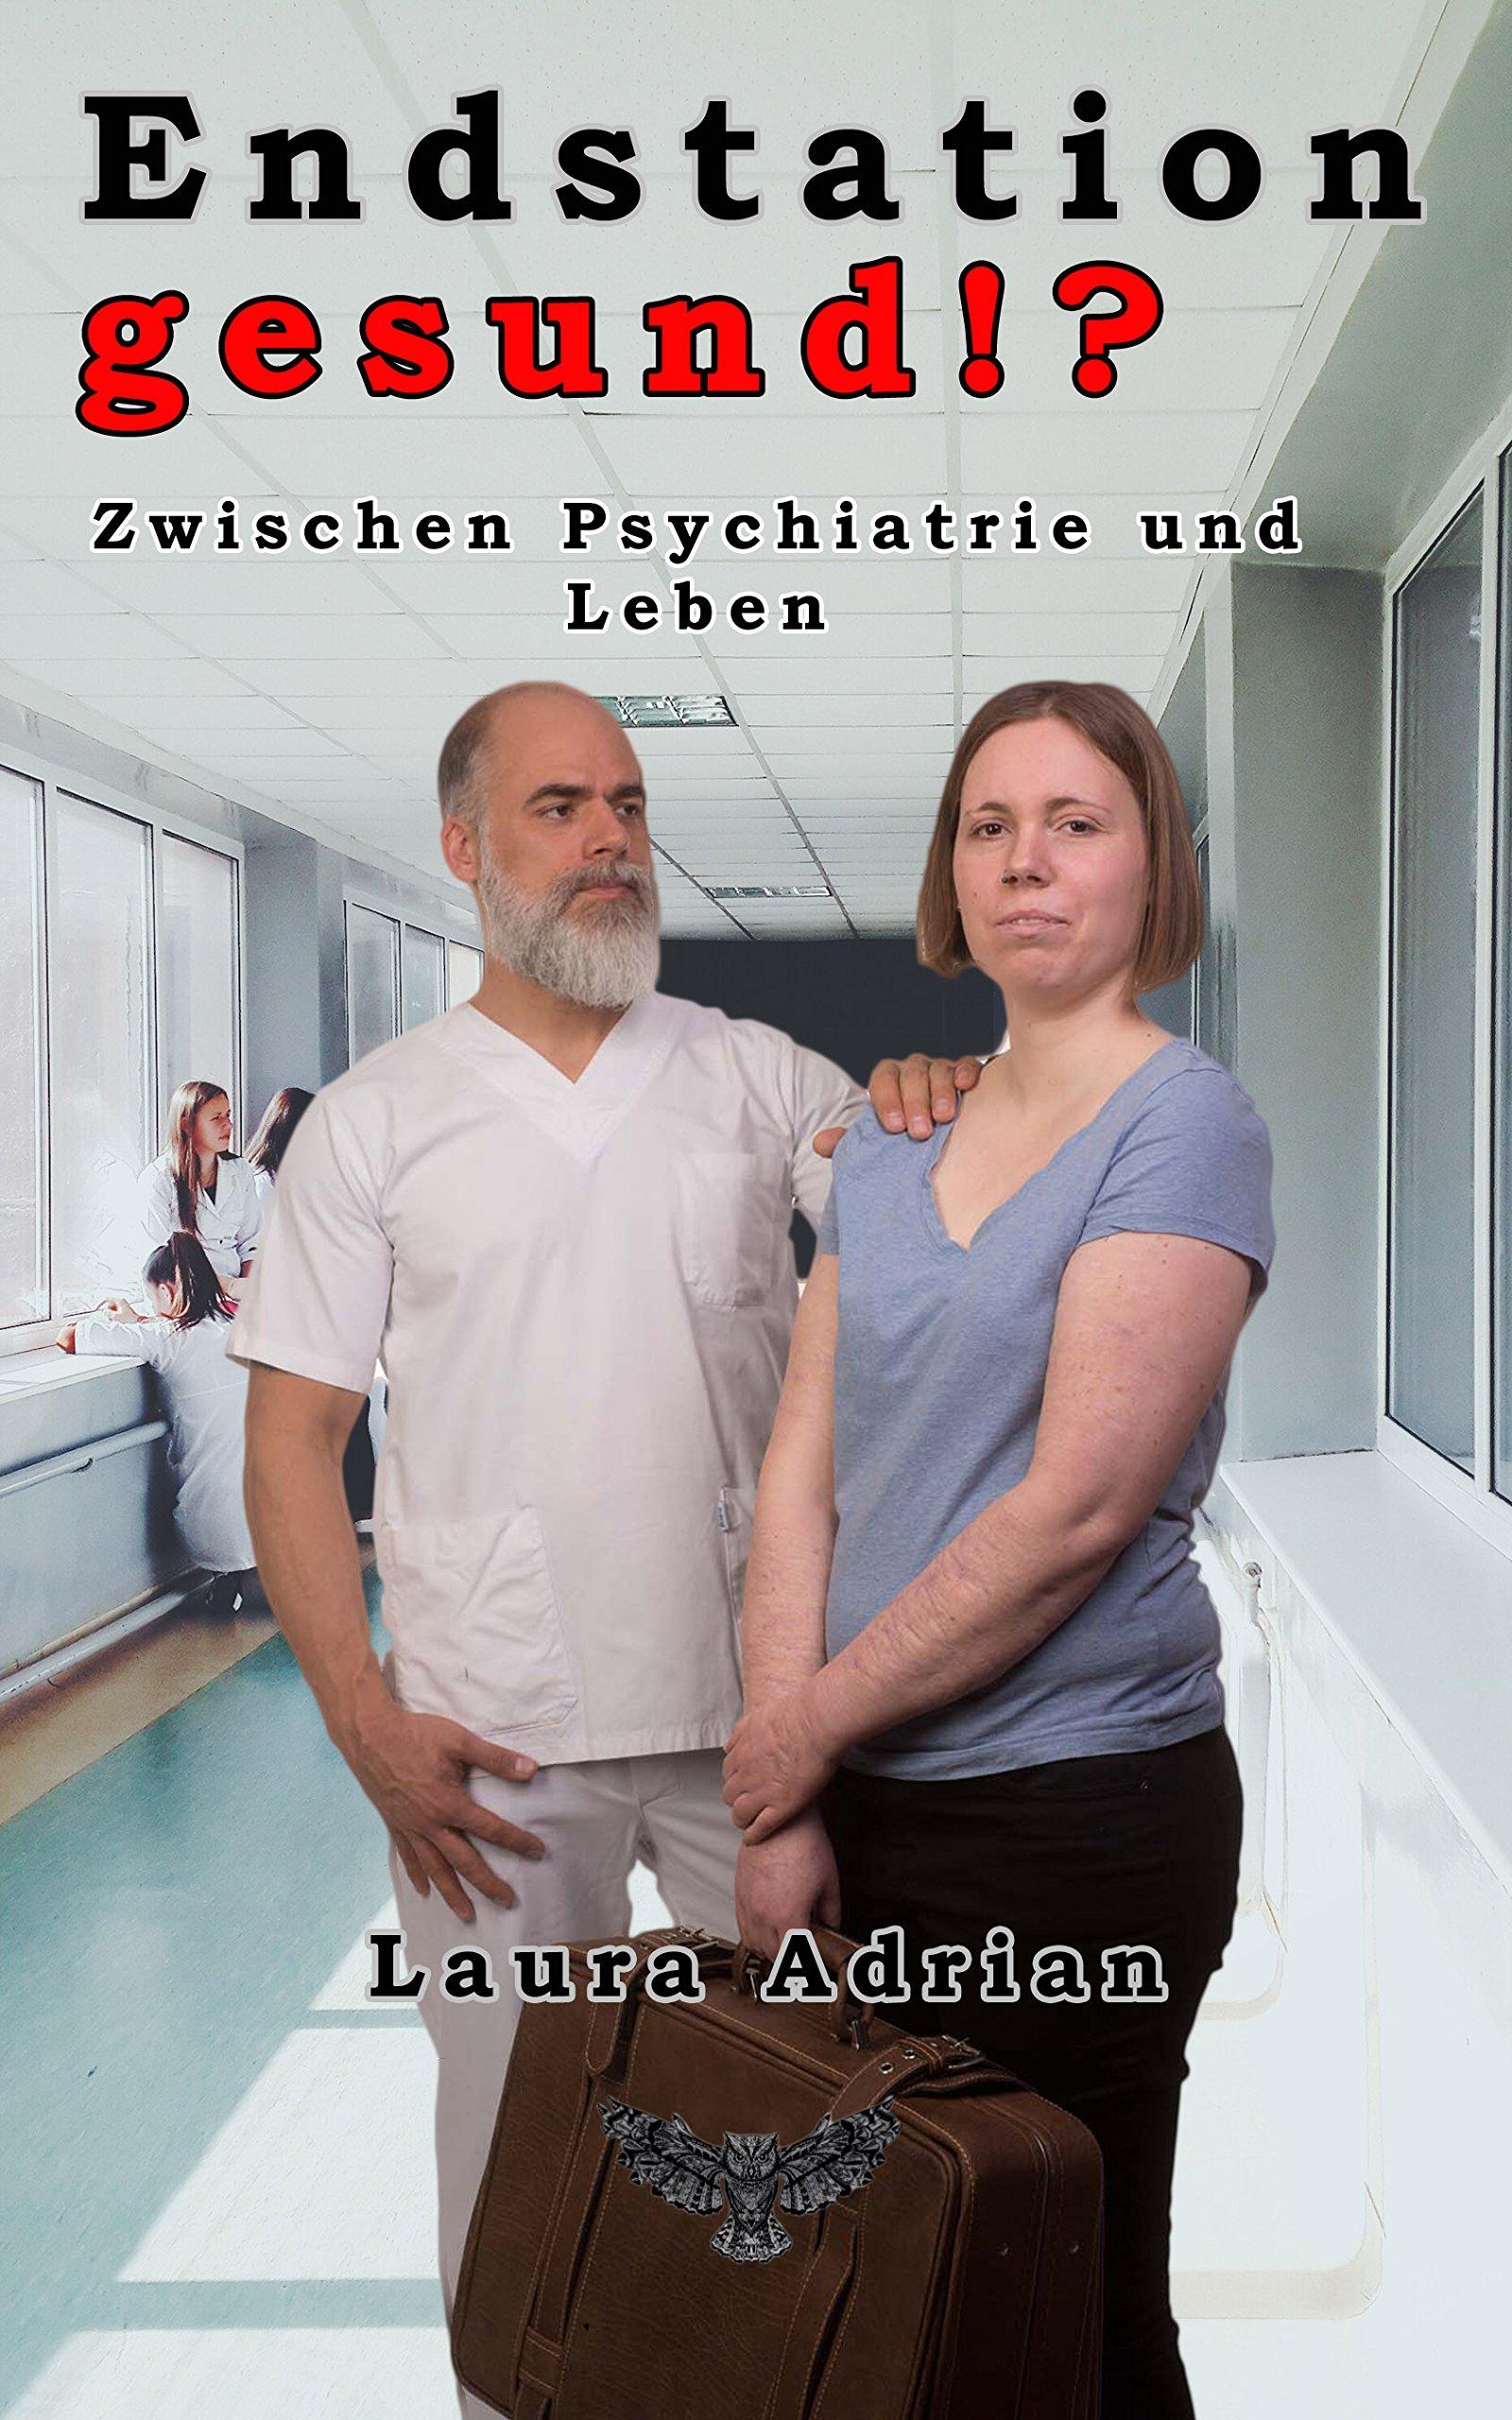 Endstation gesund!?: Zwischen Psychiatrie und Leben